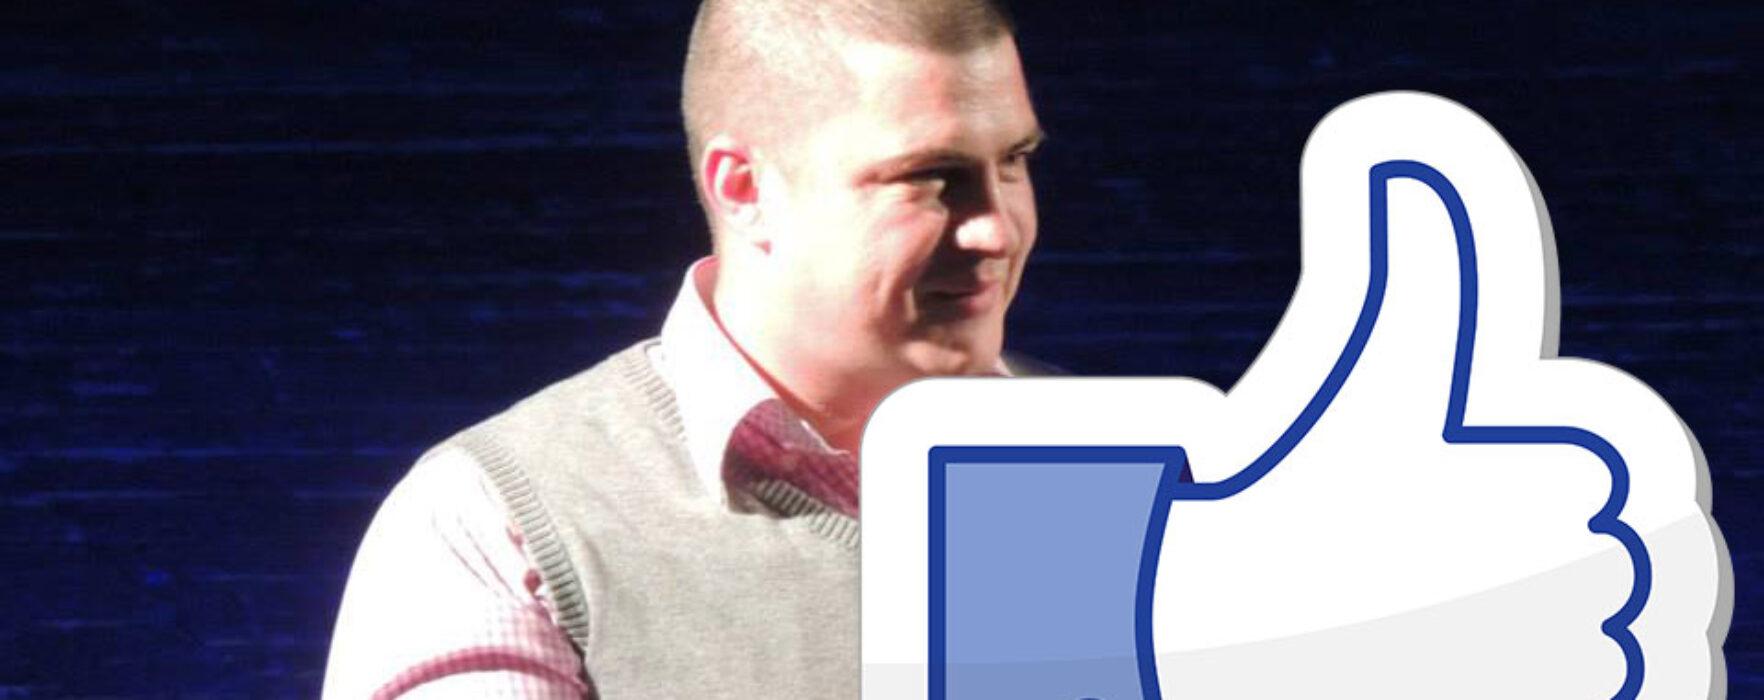 Consilier Local PSD Târgovişte: La 1.000 de like-uri plec din partid